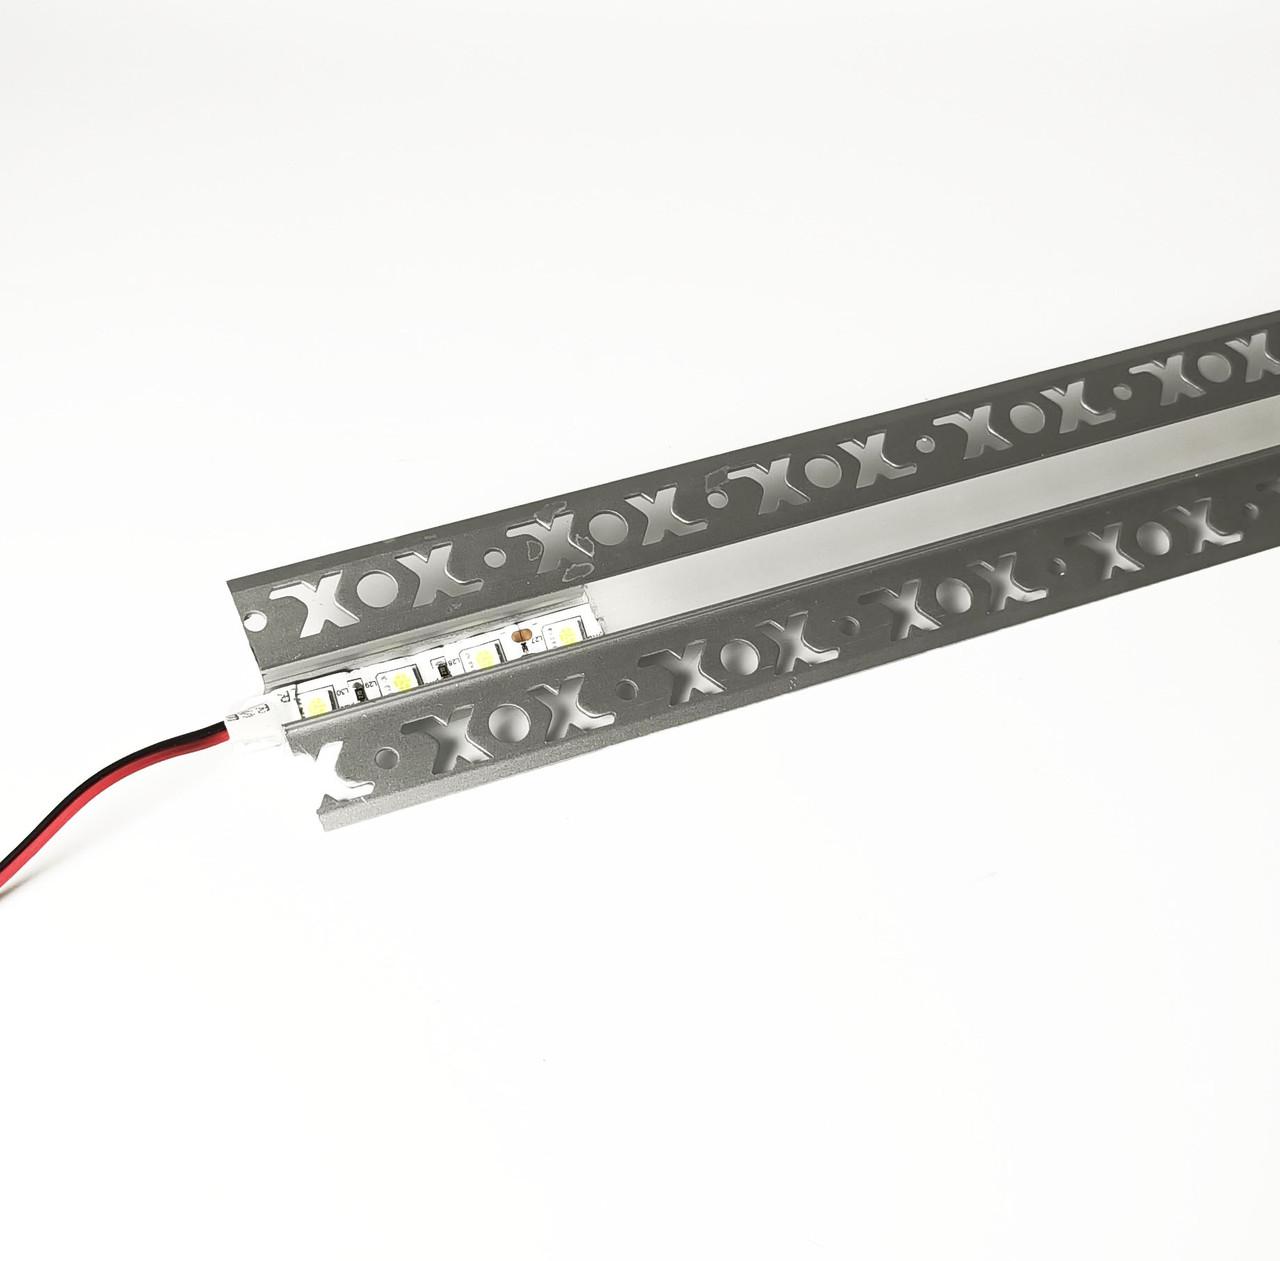 Алюминиевый профиль для подсветки в комплекте с рассеивателем  (HC-125 53х15 3M)